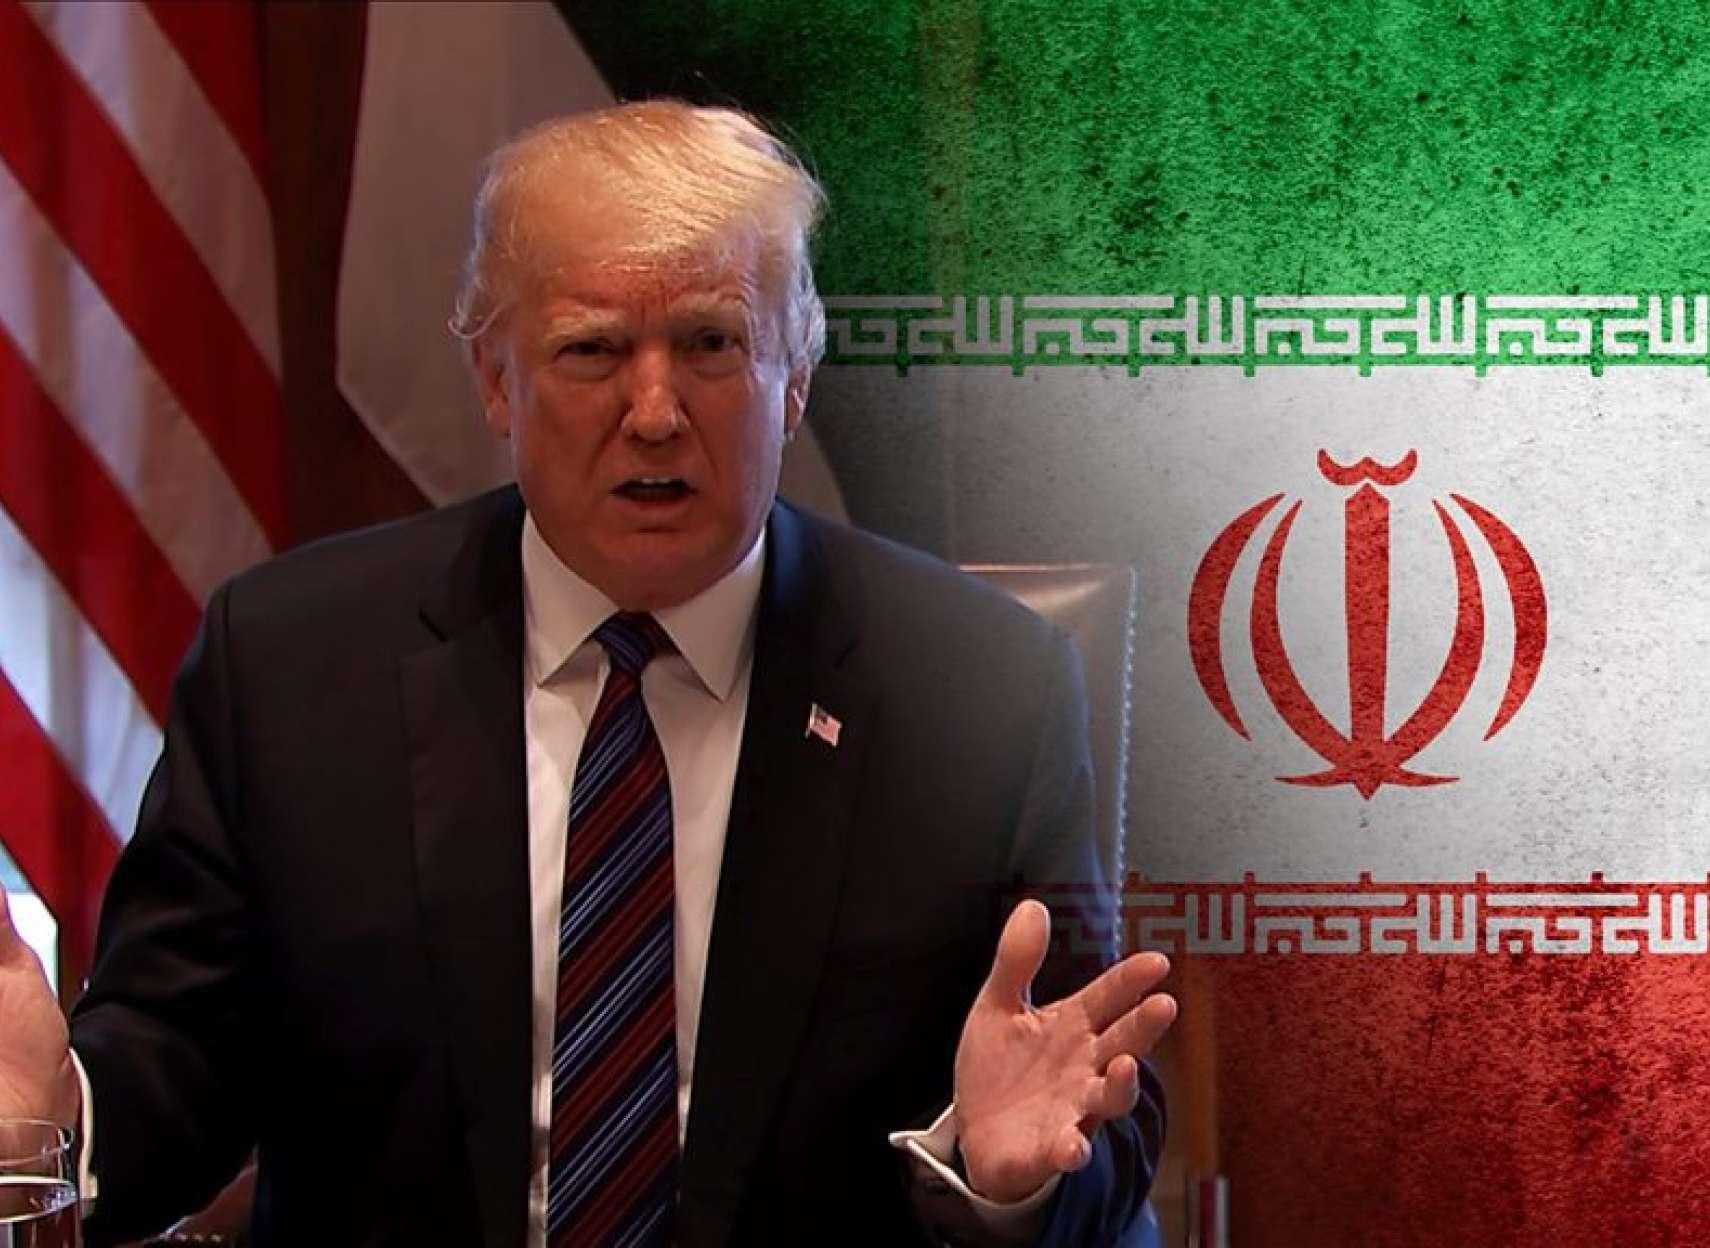 احتمال-مذاکره-ایران-و-آمریکا-پس-از-برکناری-هوک-و-در خواست-ترامپ-چقدر-جدی-است